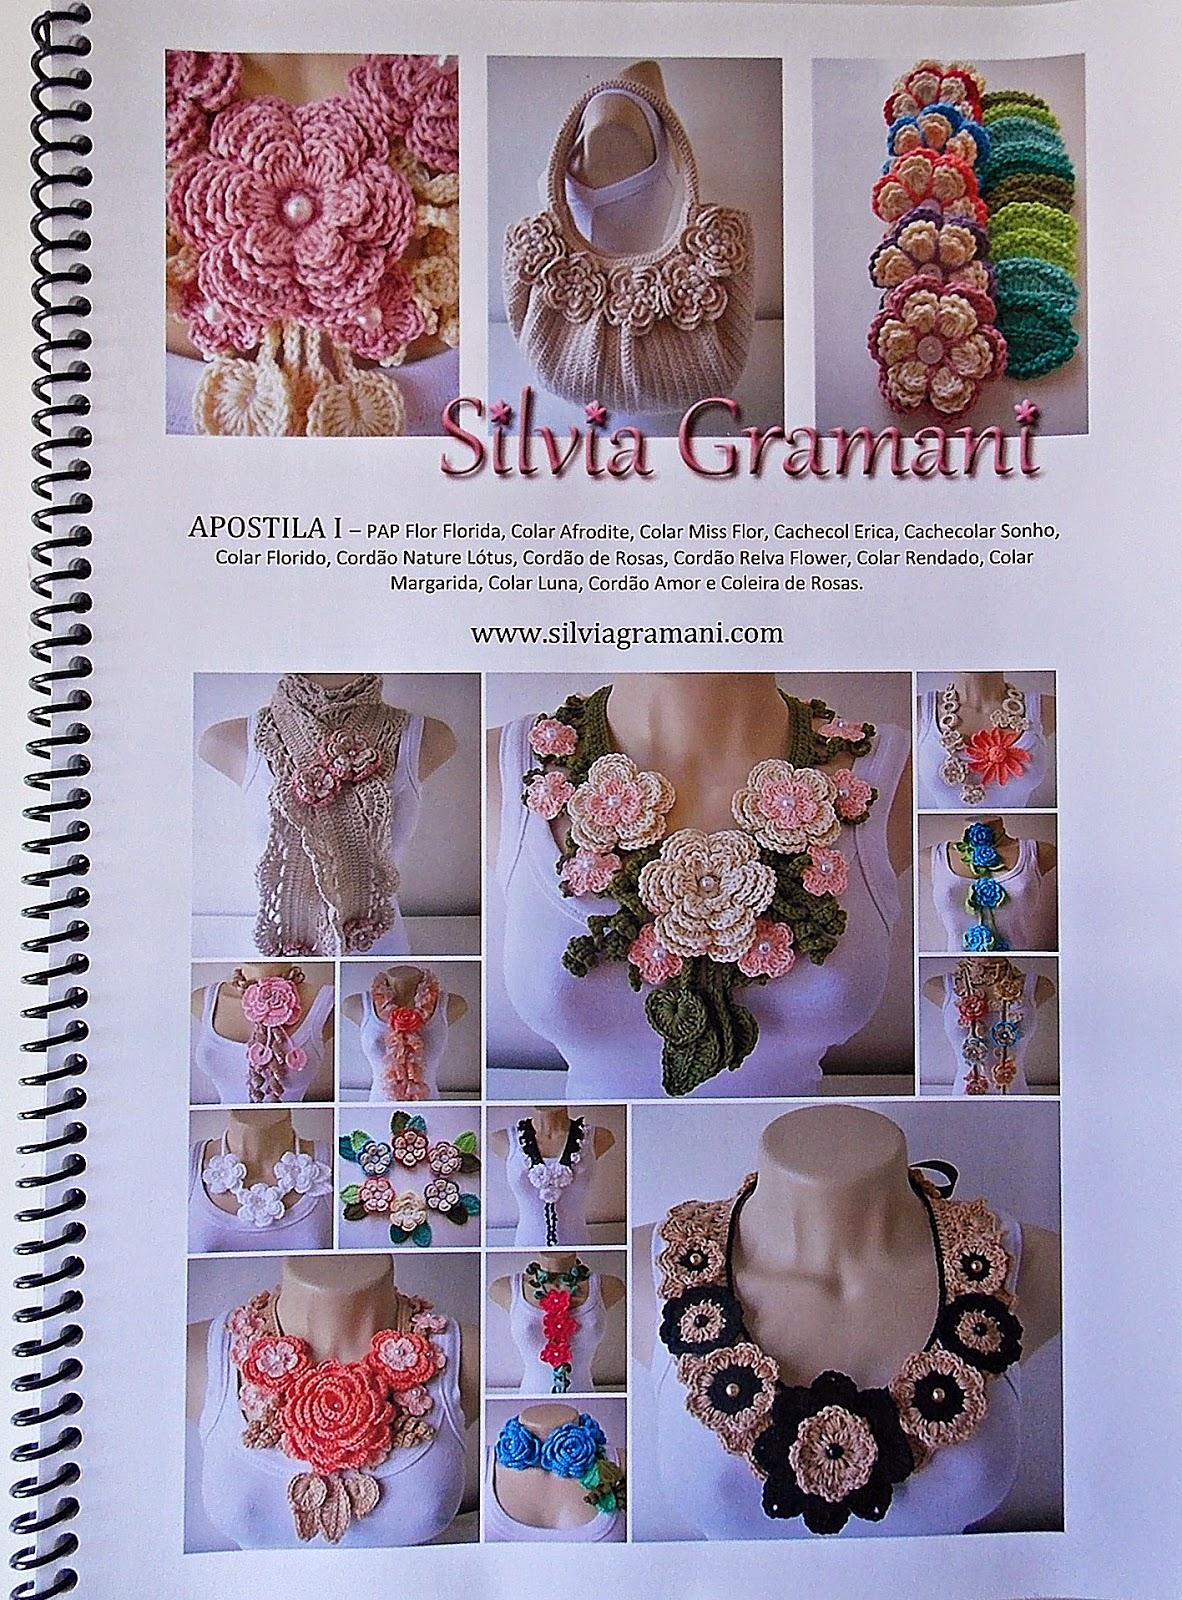 Apostila de crochê, como fazer colares de crochê com flores